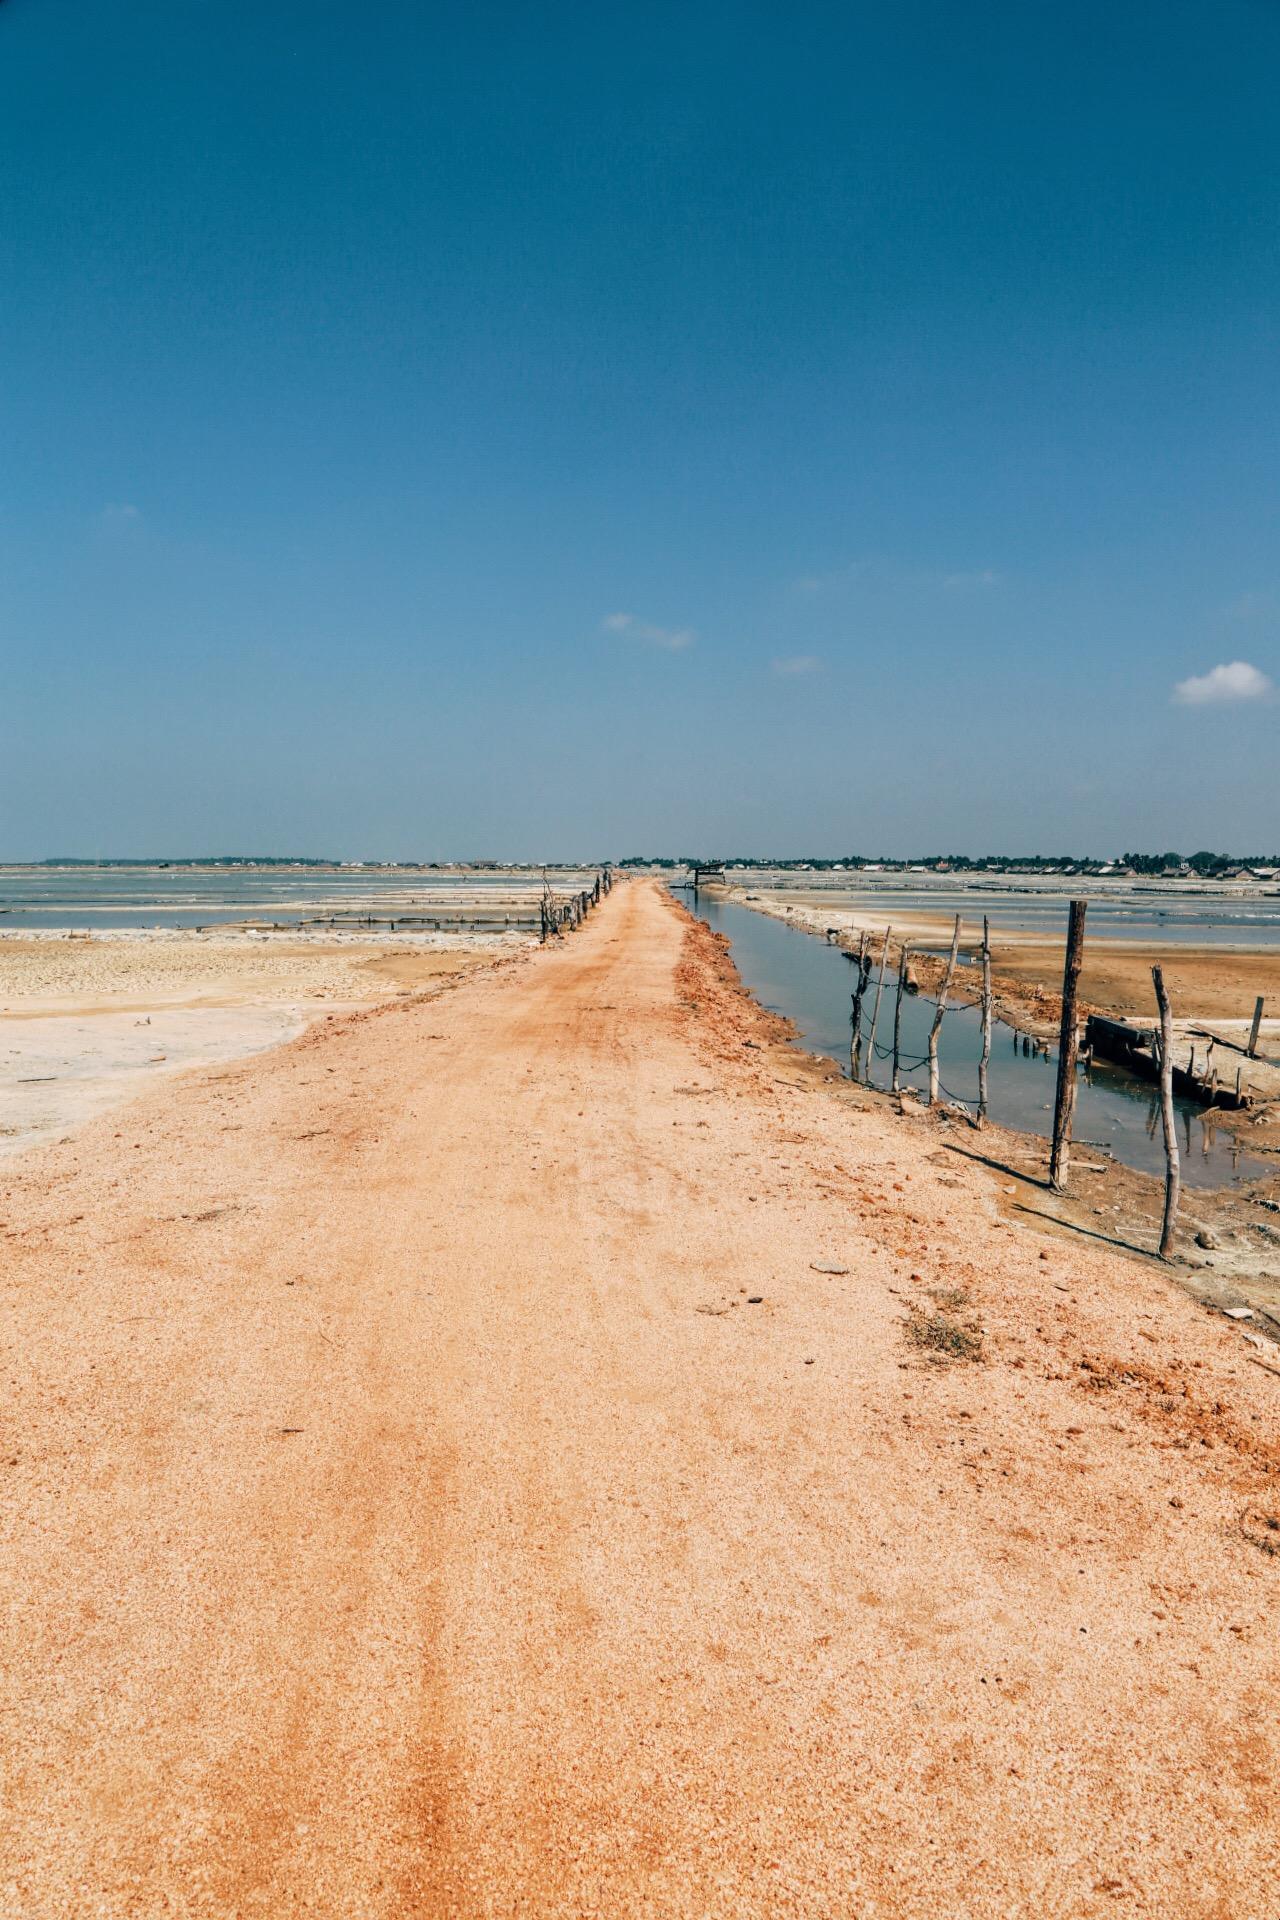 Scenes from Sri Lanka (12)